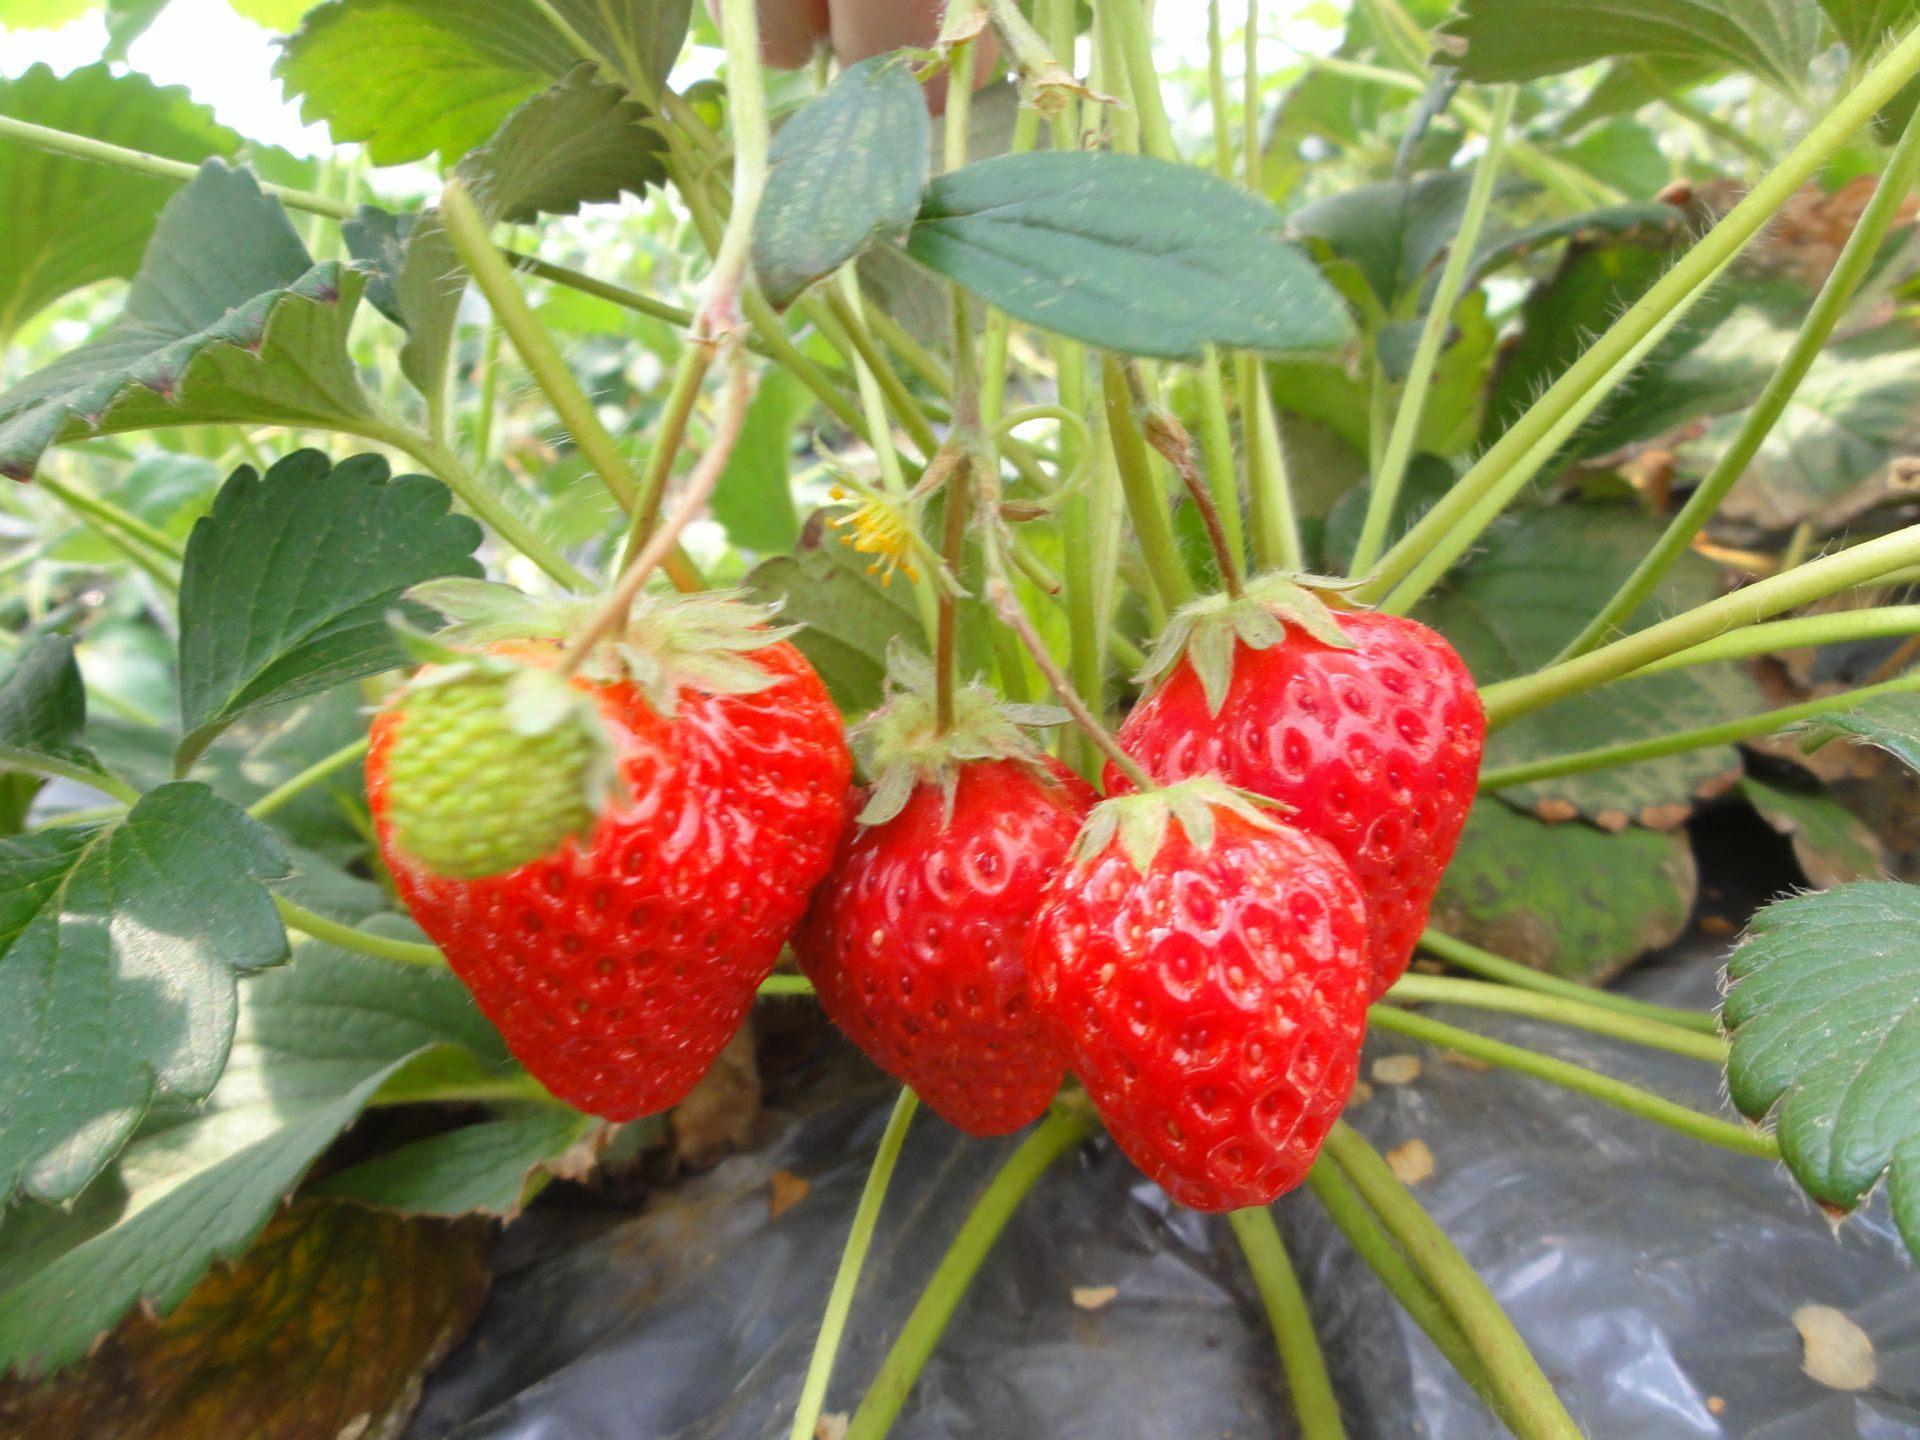 還可以體驗愉快的採草莓